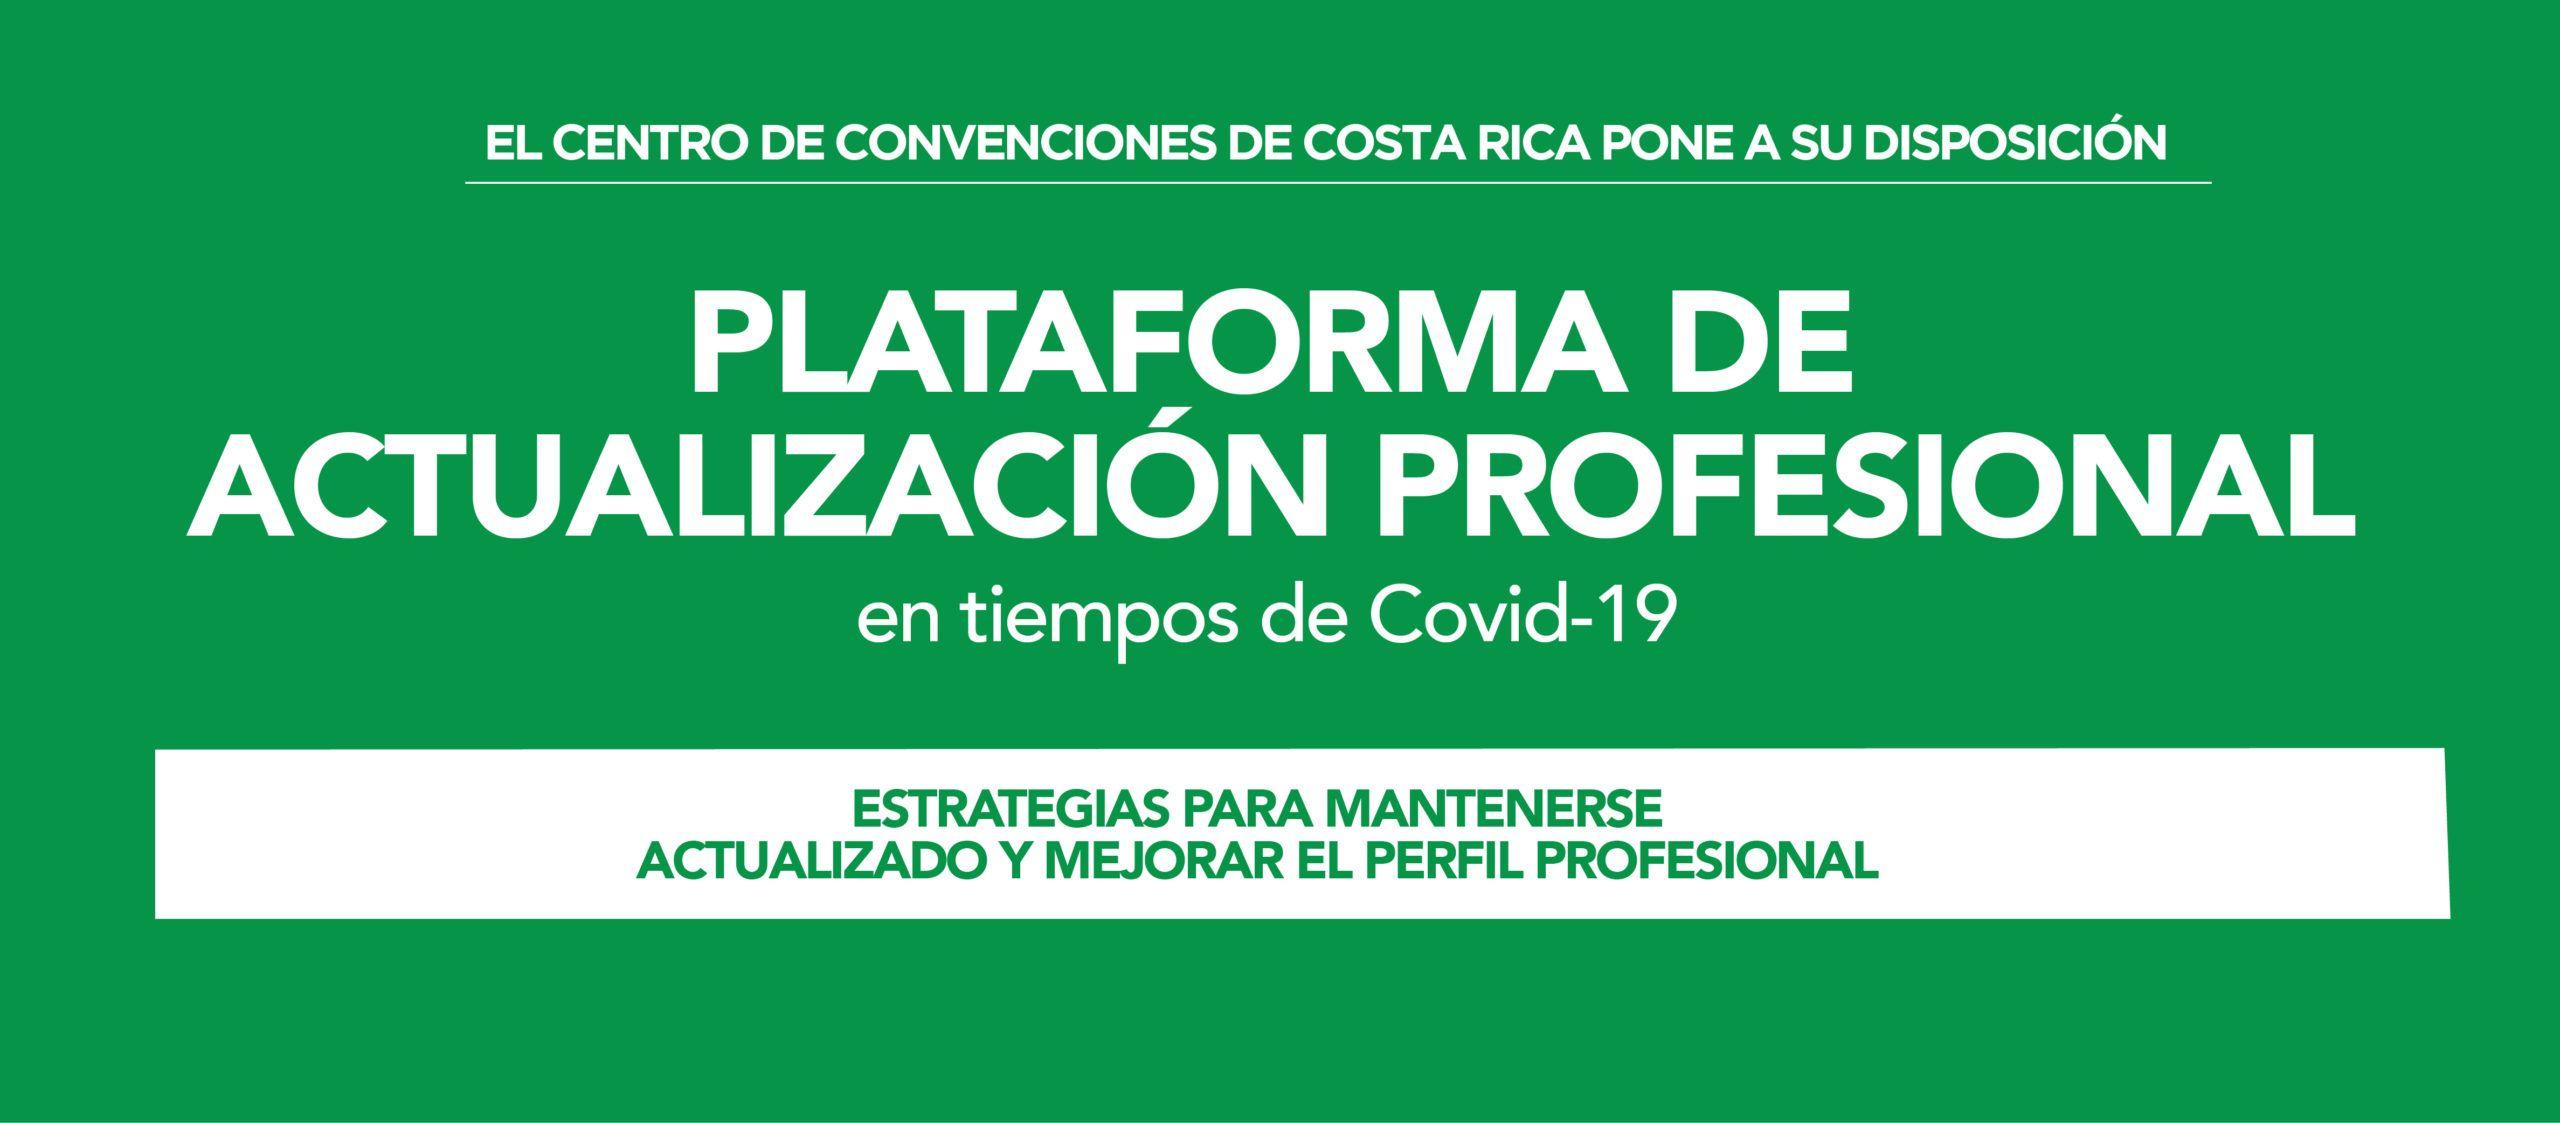 Plataforma de Actualización Profesional